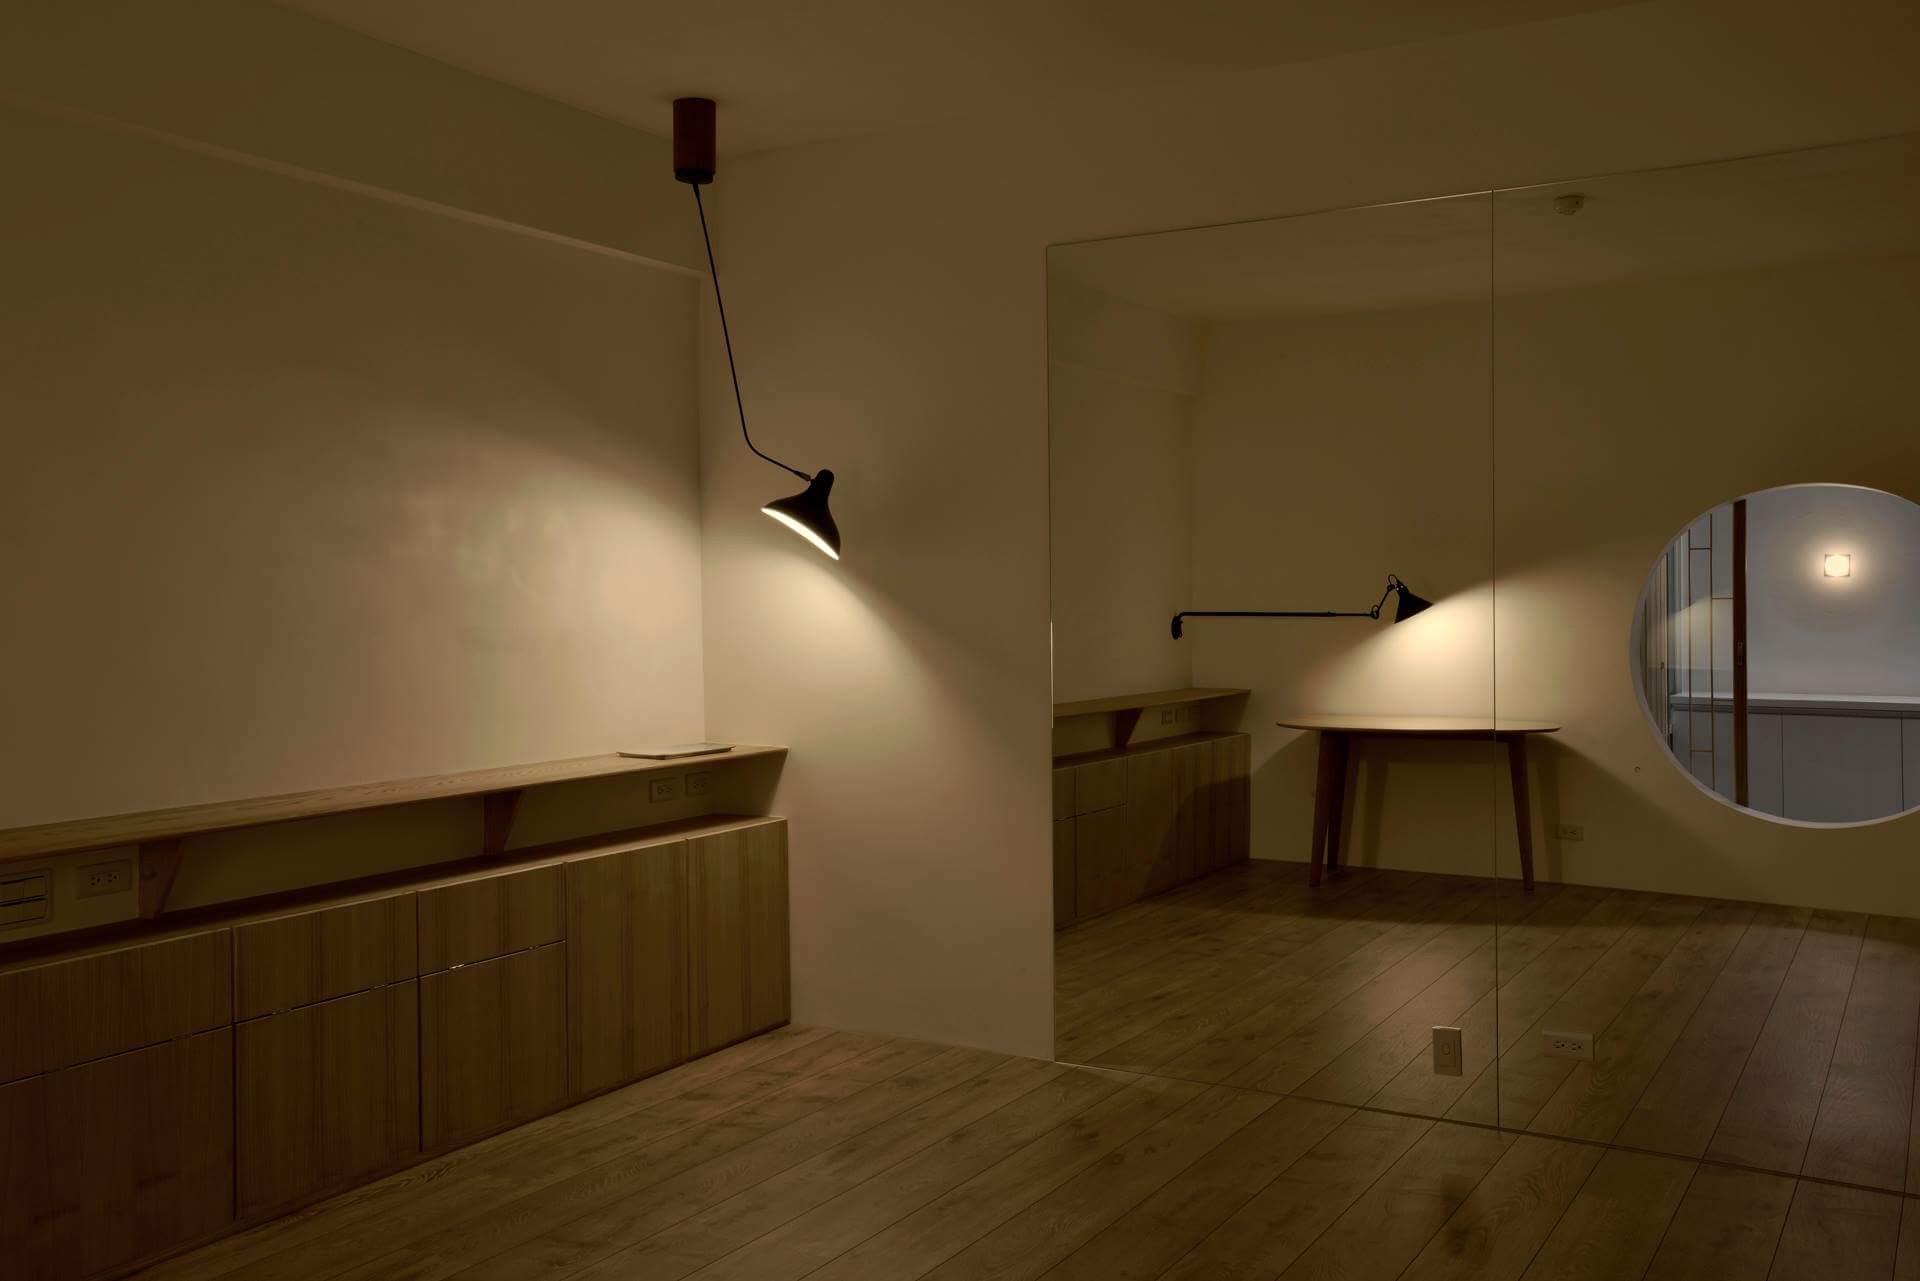 微暗的天色正好突顯客房燈具的優雅 平常是業主夫妻練瑜伽的好空間,客人來時作客房